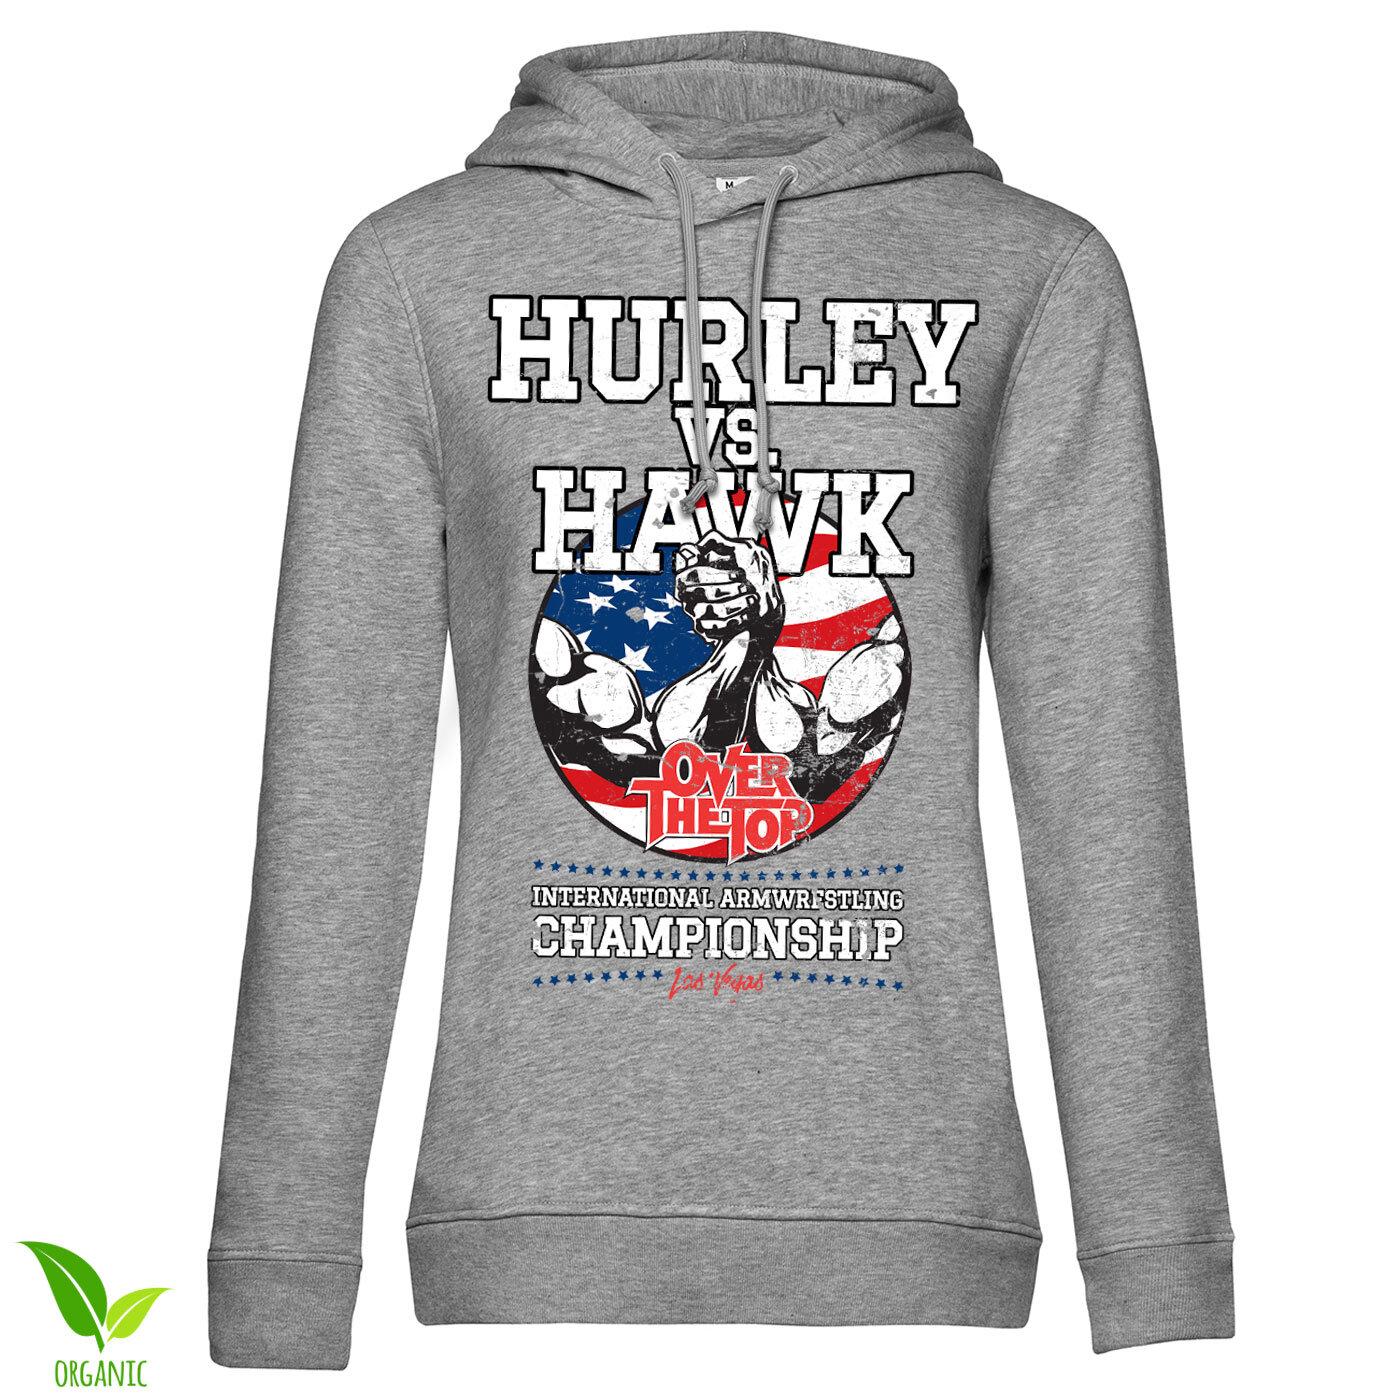 Hurley Vs. Hawk Girly Girls Hoodie